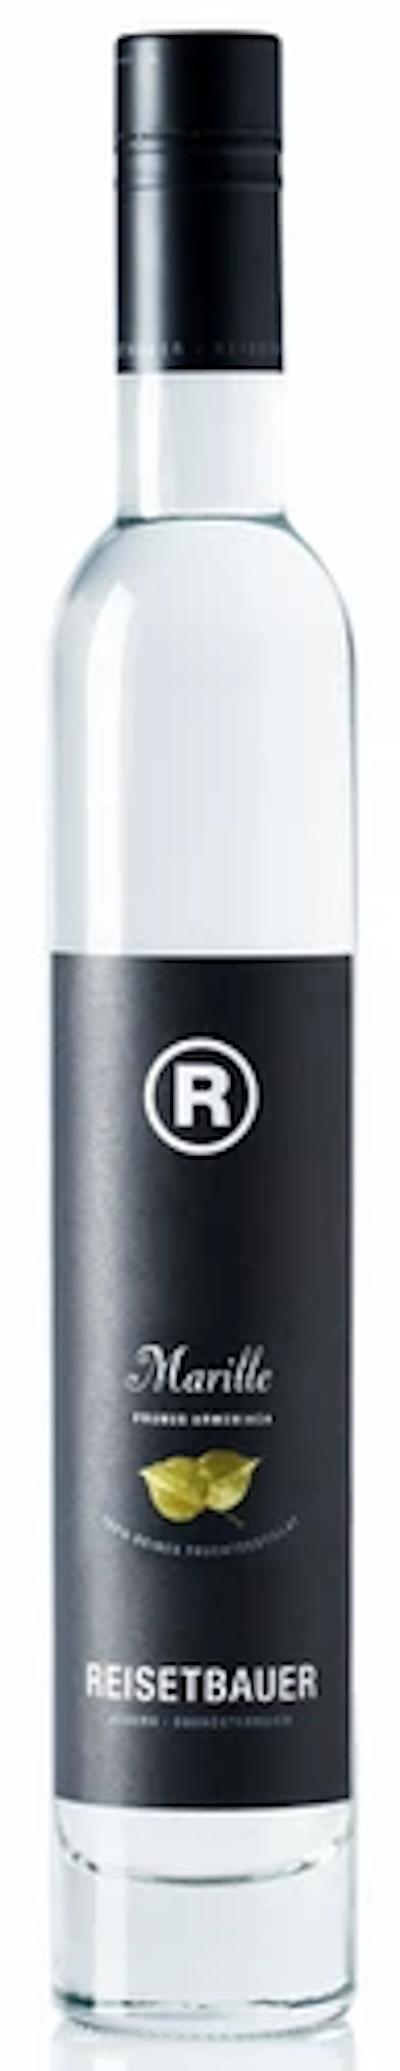 Reisetbauer - Marillenbrand